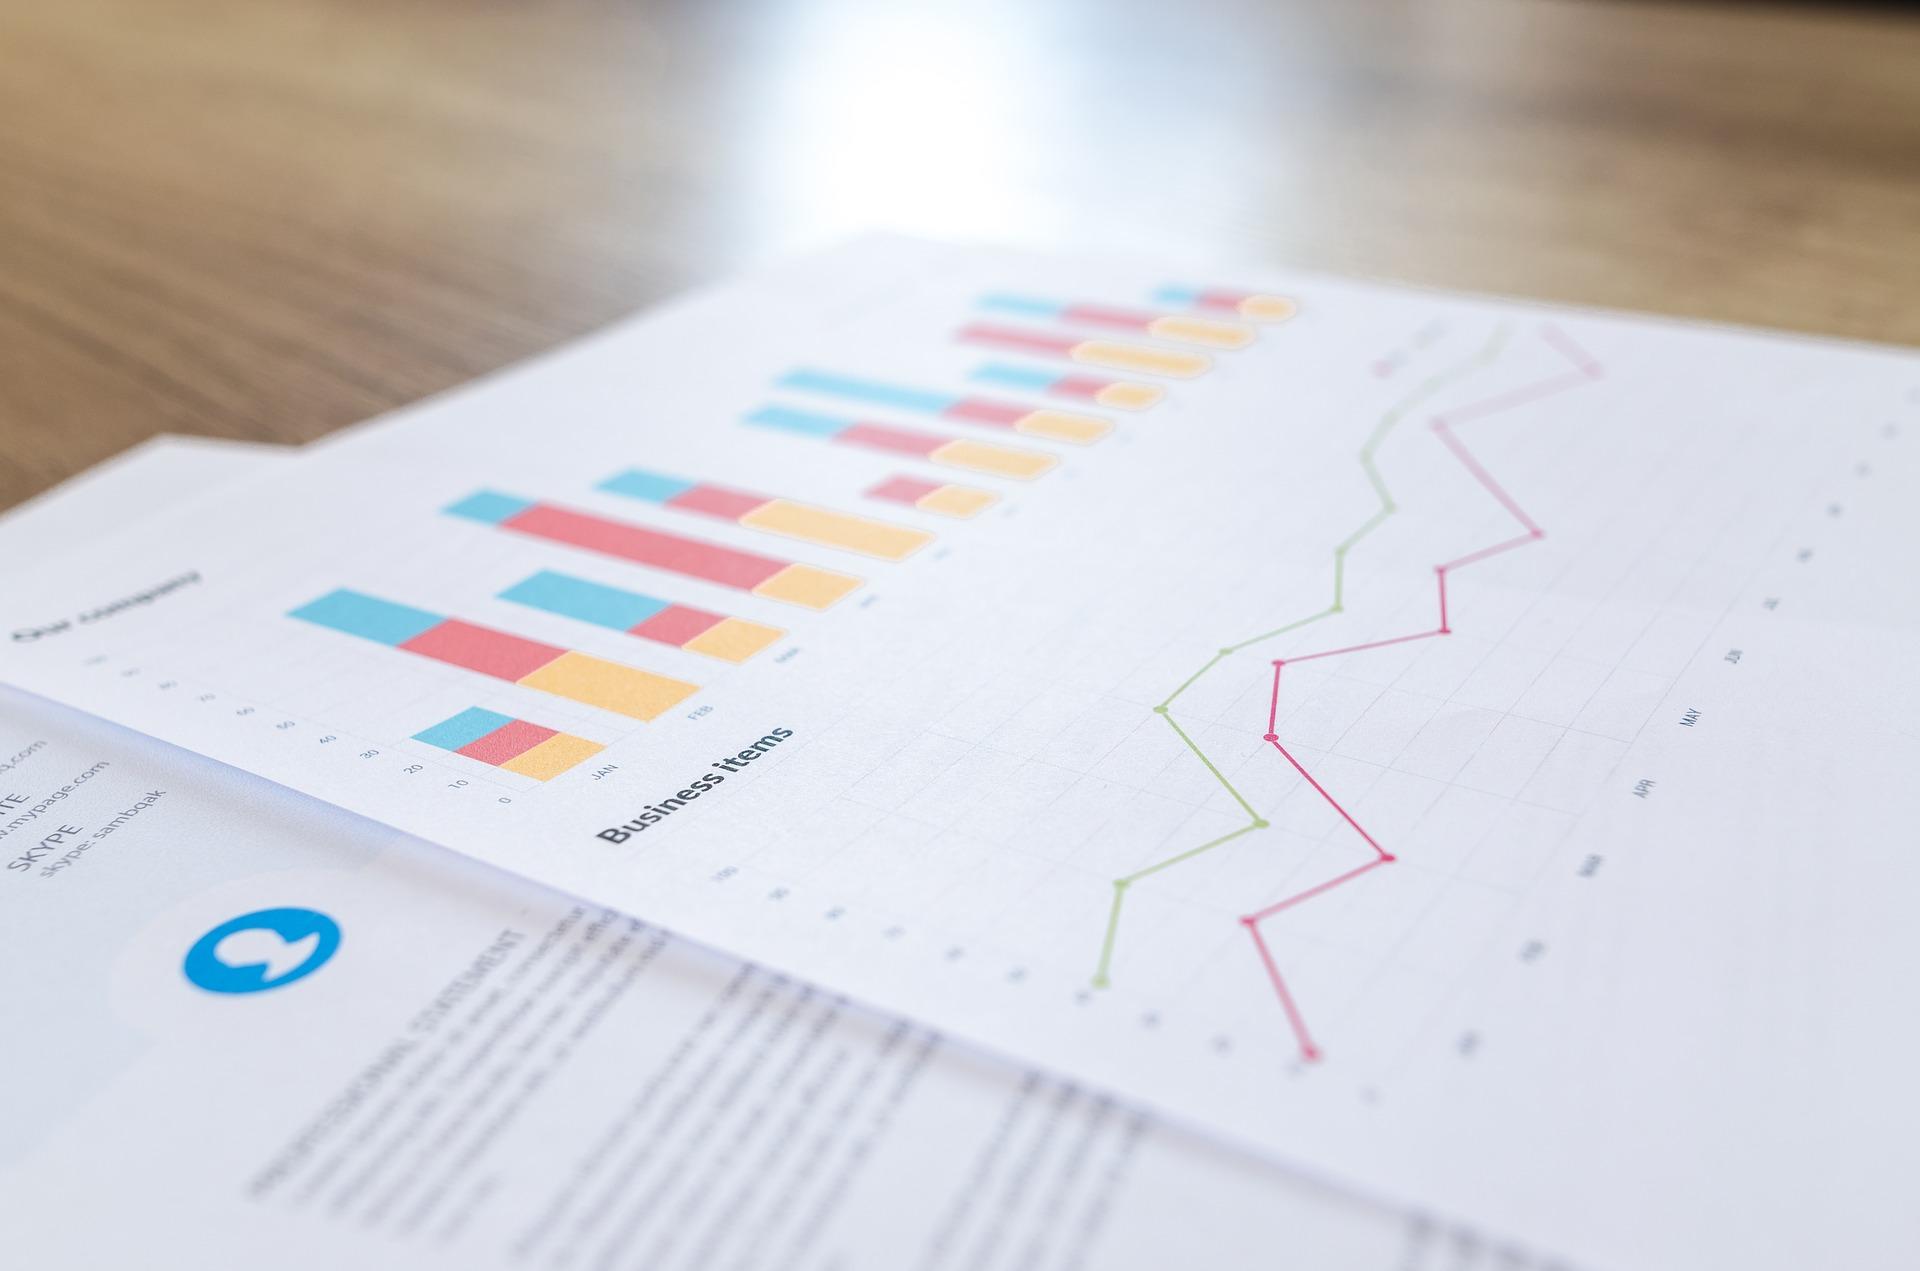 Relatórios gerenciais no setor público: amadorismo na gestão pública caminha para o fim.